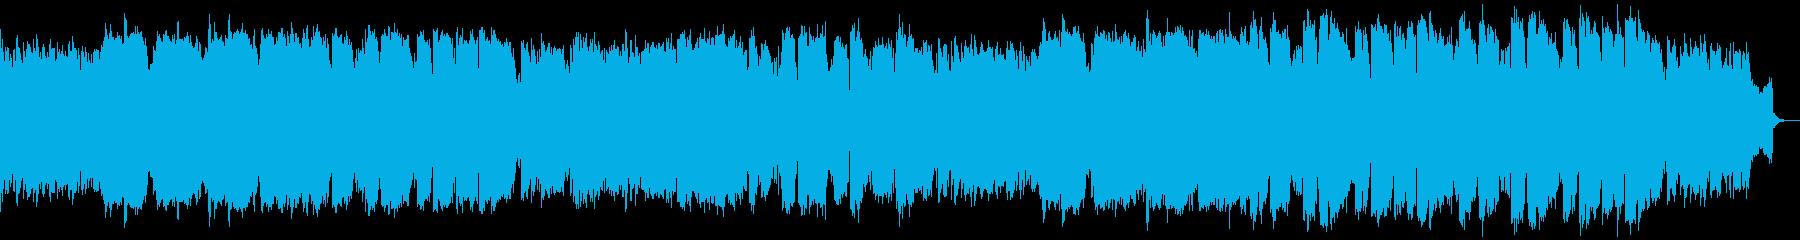 ピアノ管楽器による明るめの演歌風Popsの再生済みの波形